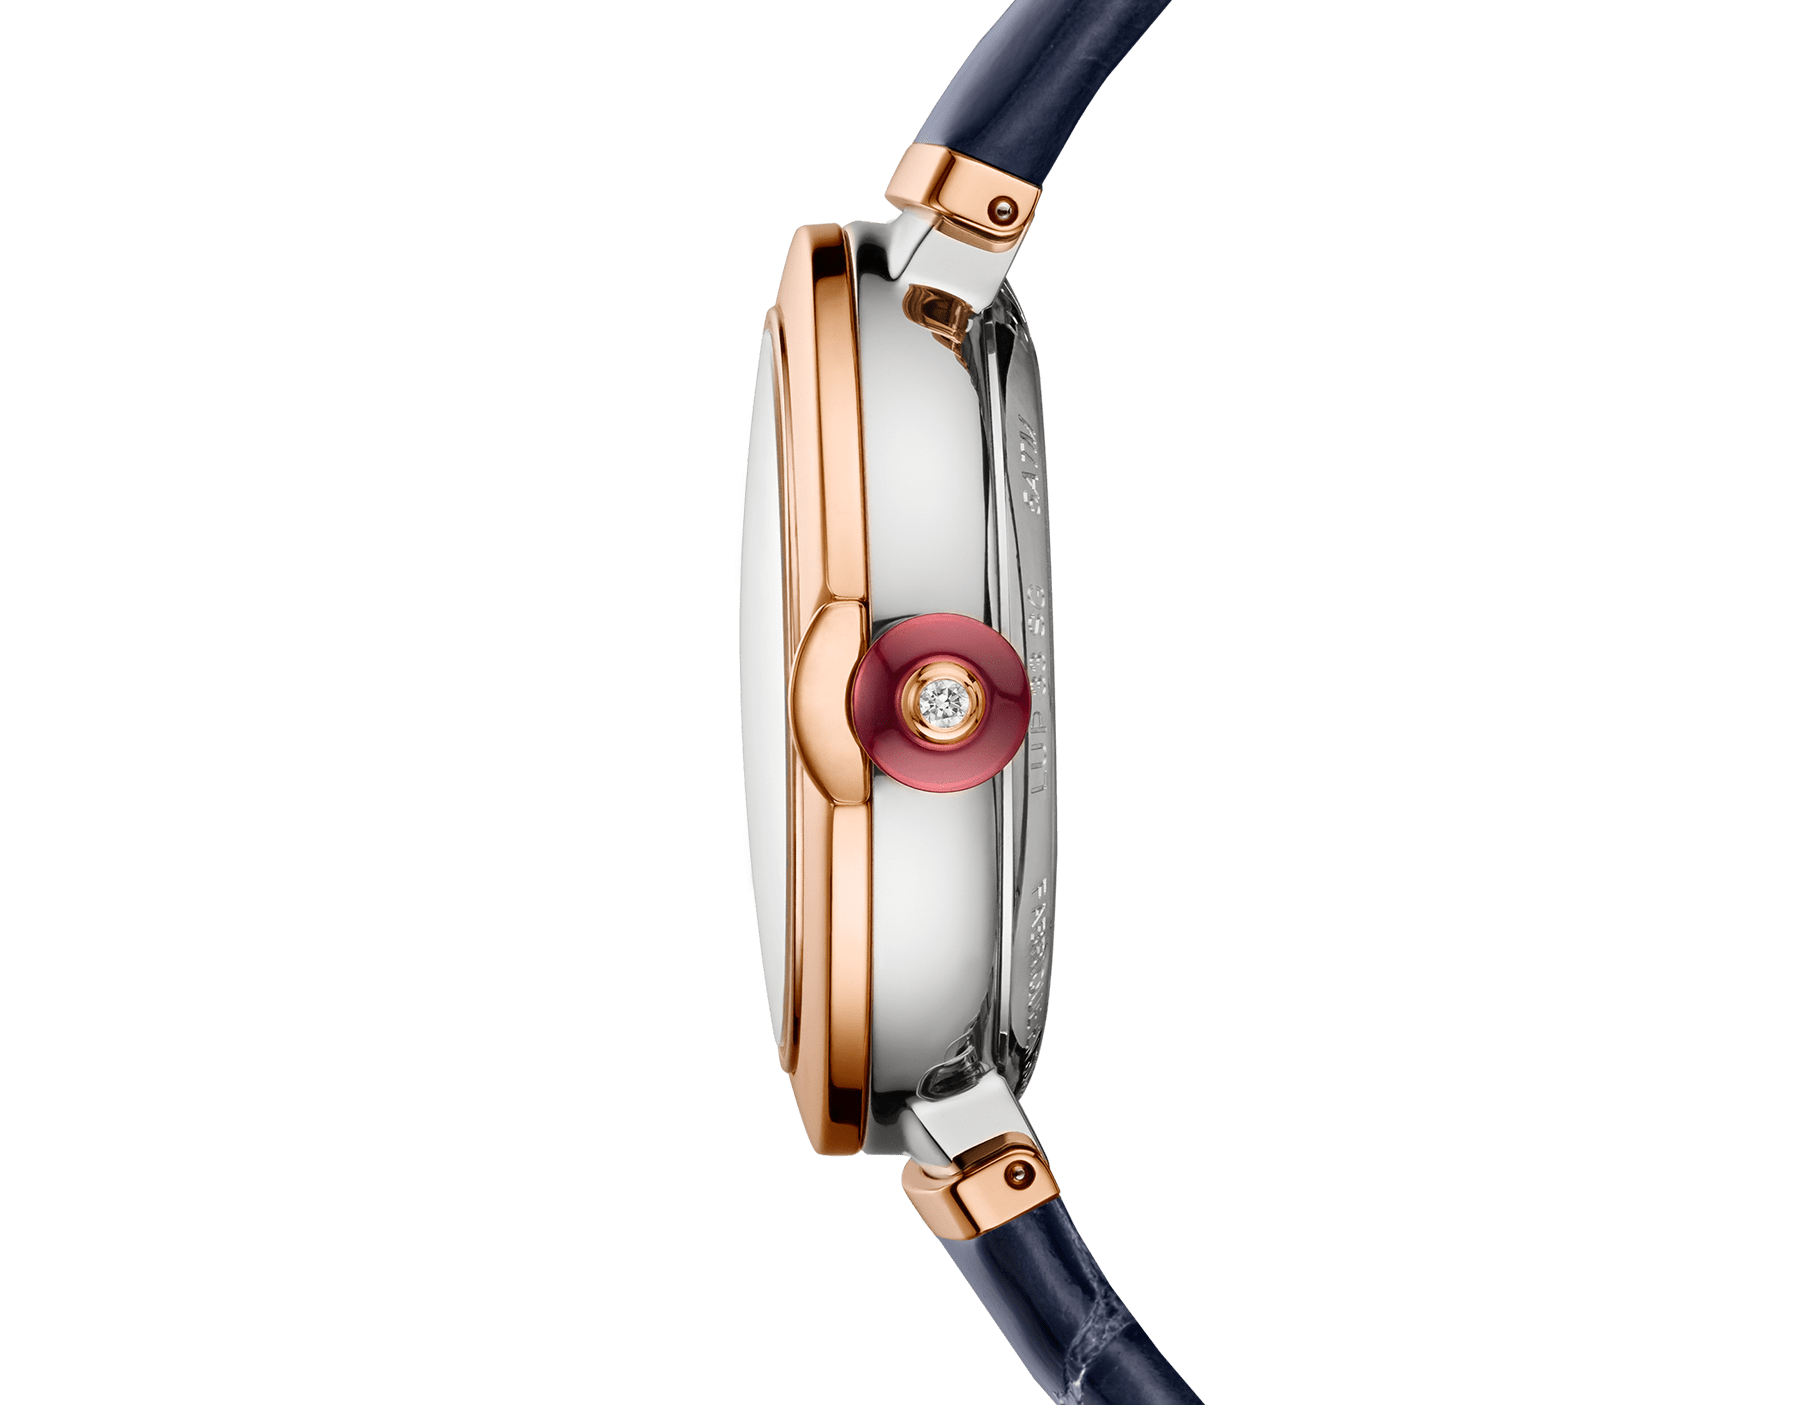 LVCEA Uhr mit einem Gehäuse aus 18 Karat Roségold und Edelstahl, einem weißen Perlmutt-Zifferblatt mit Diamant-Indizes, Datumsfenster und einem blauen Armband aus Alligatorleder. 102638 image 3